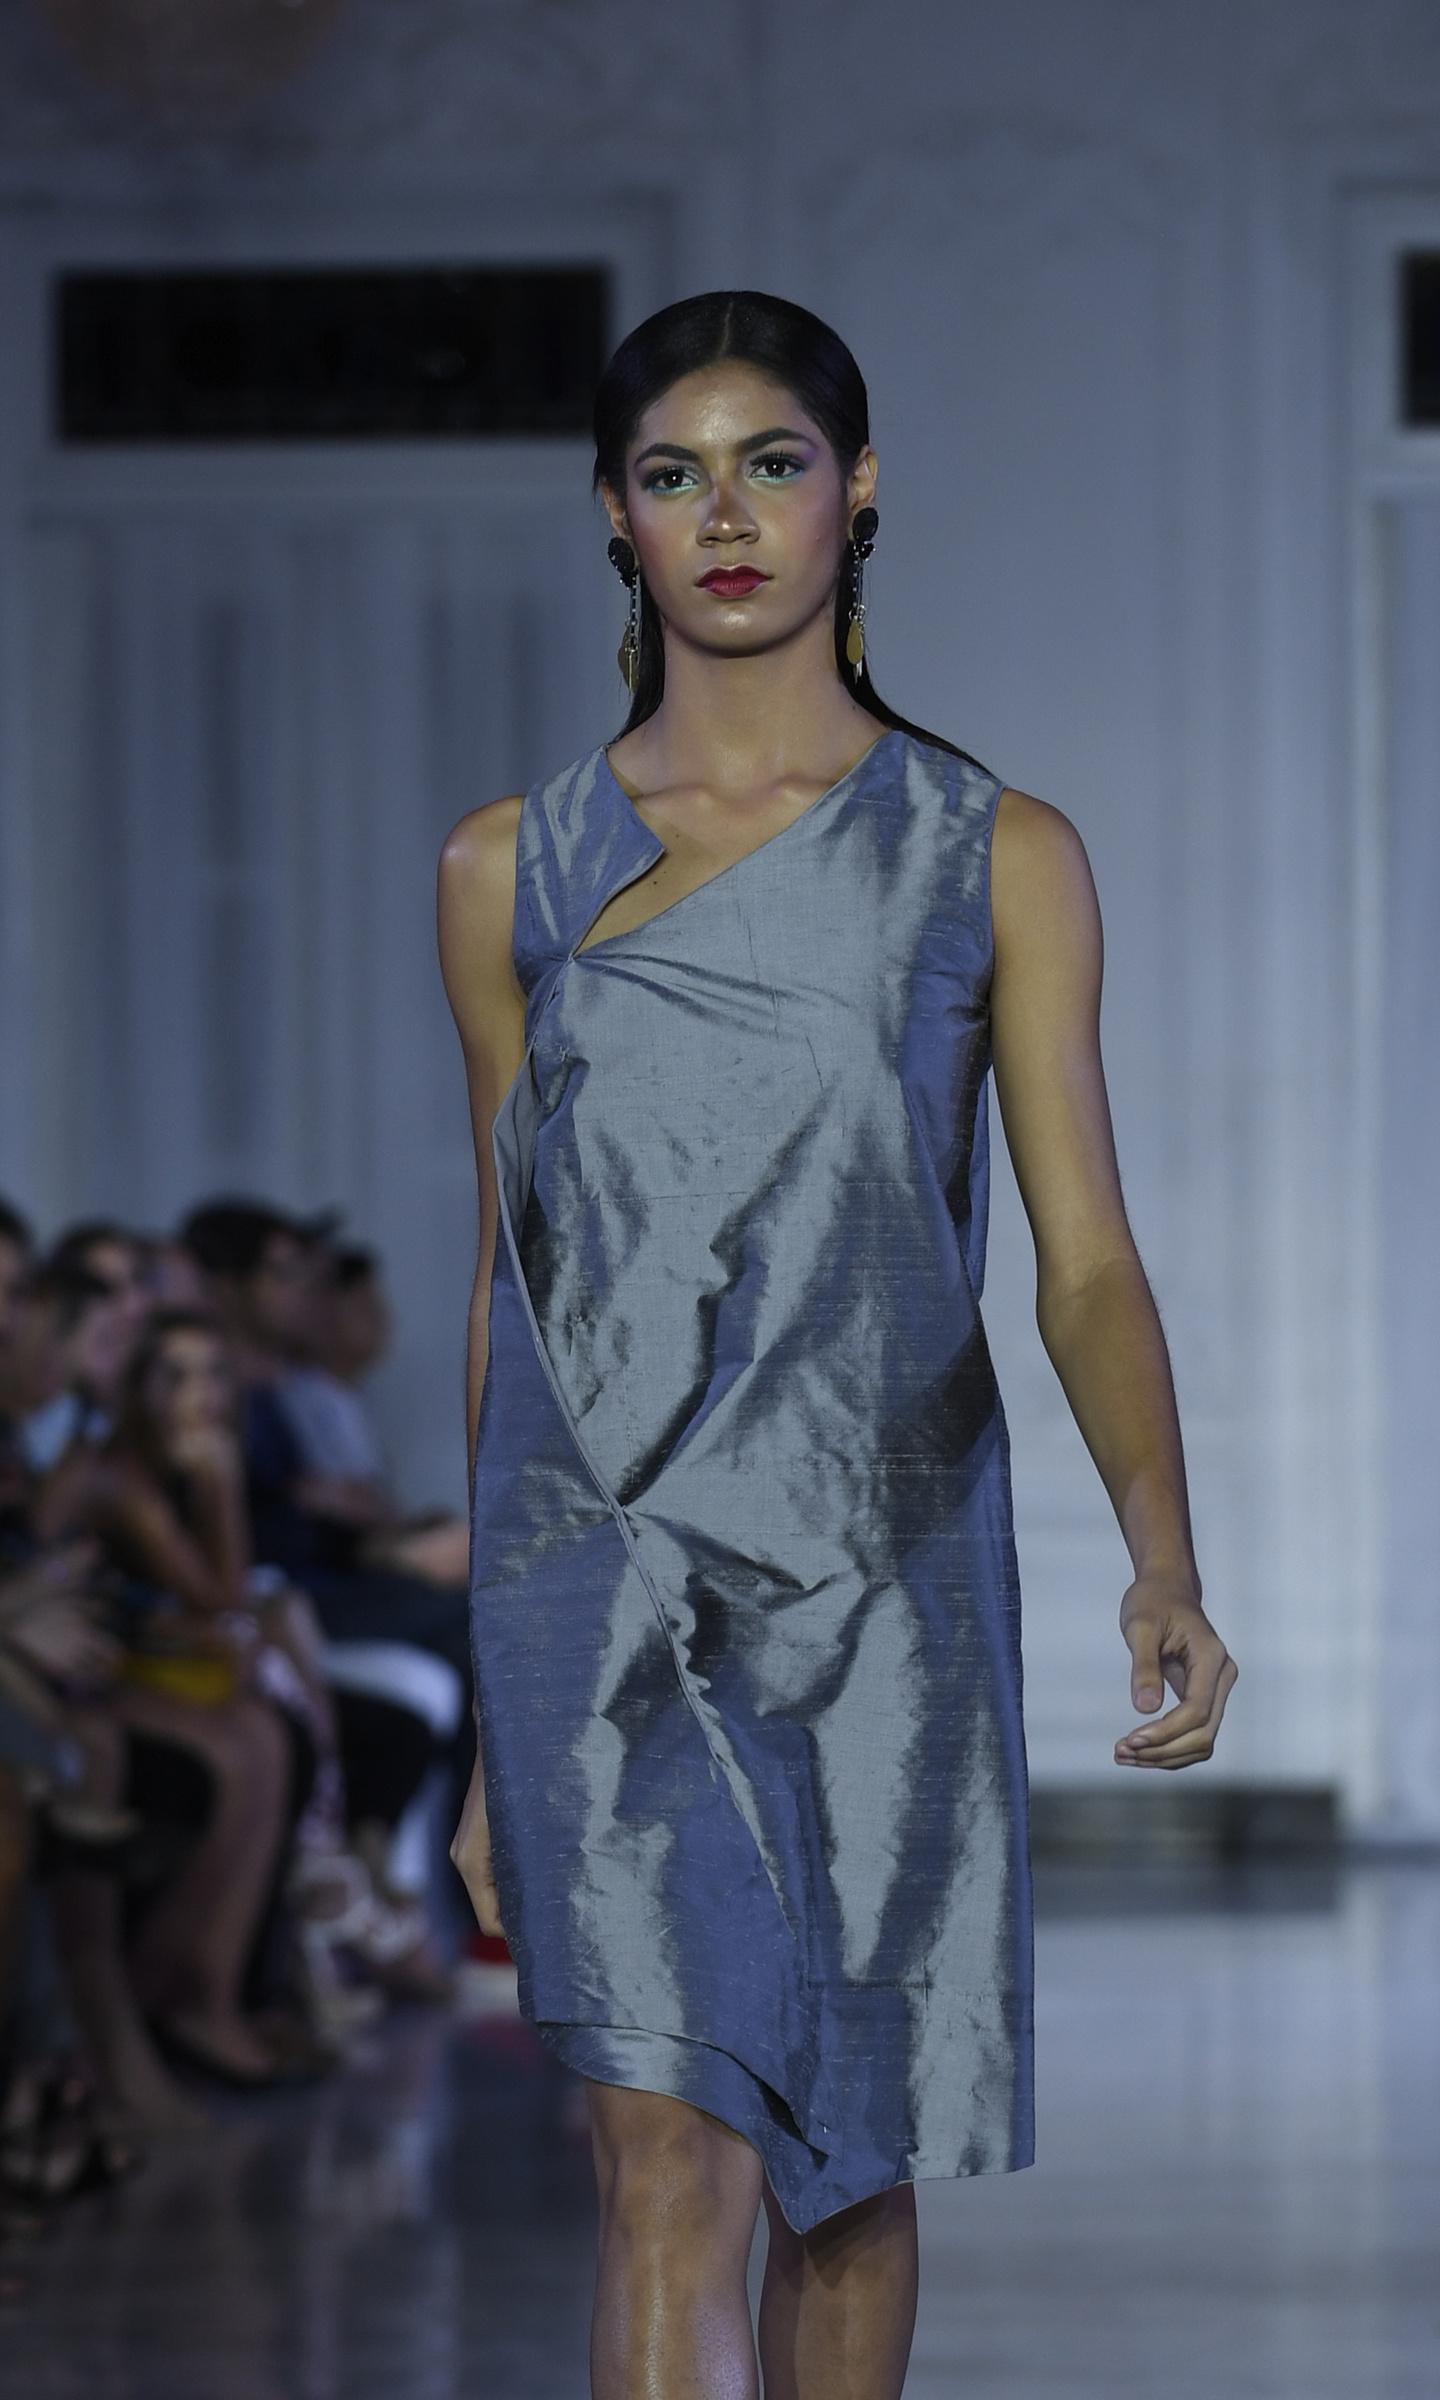 Saquito de corte asimétrico, con un aire moderno, en seda cruda. Foto Ángel Luis García